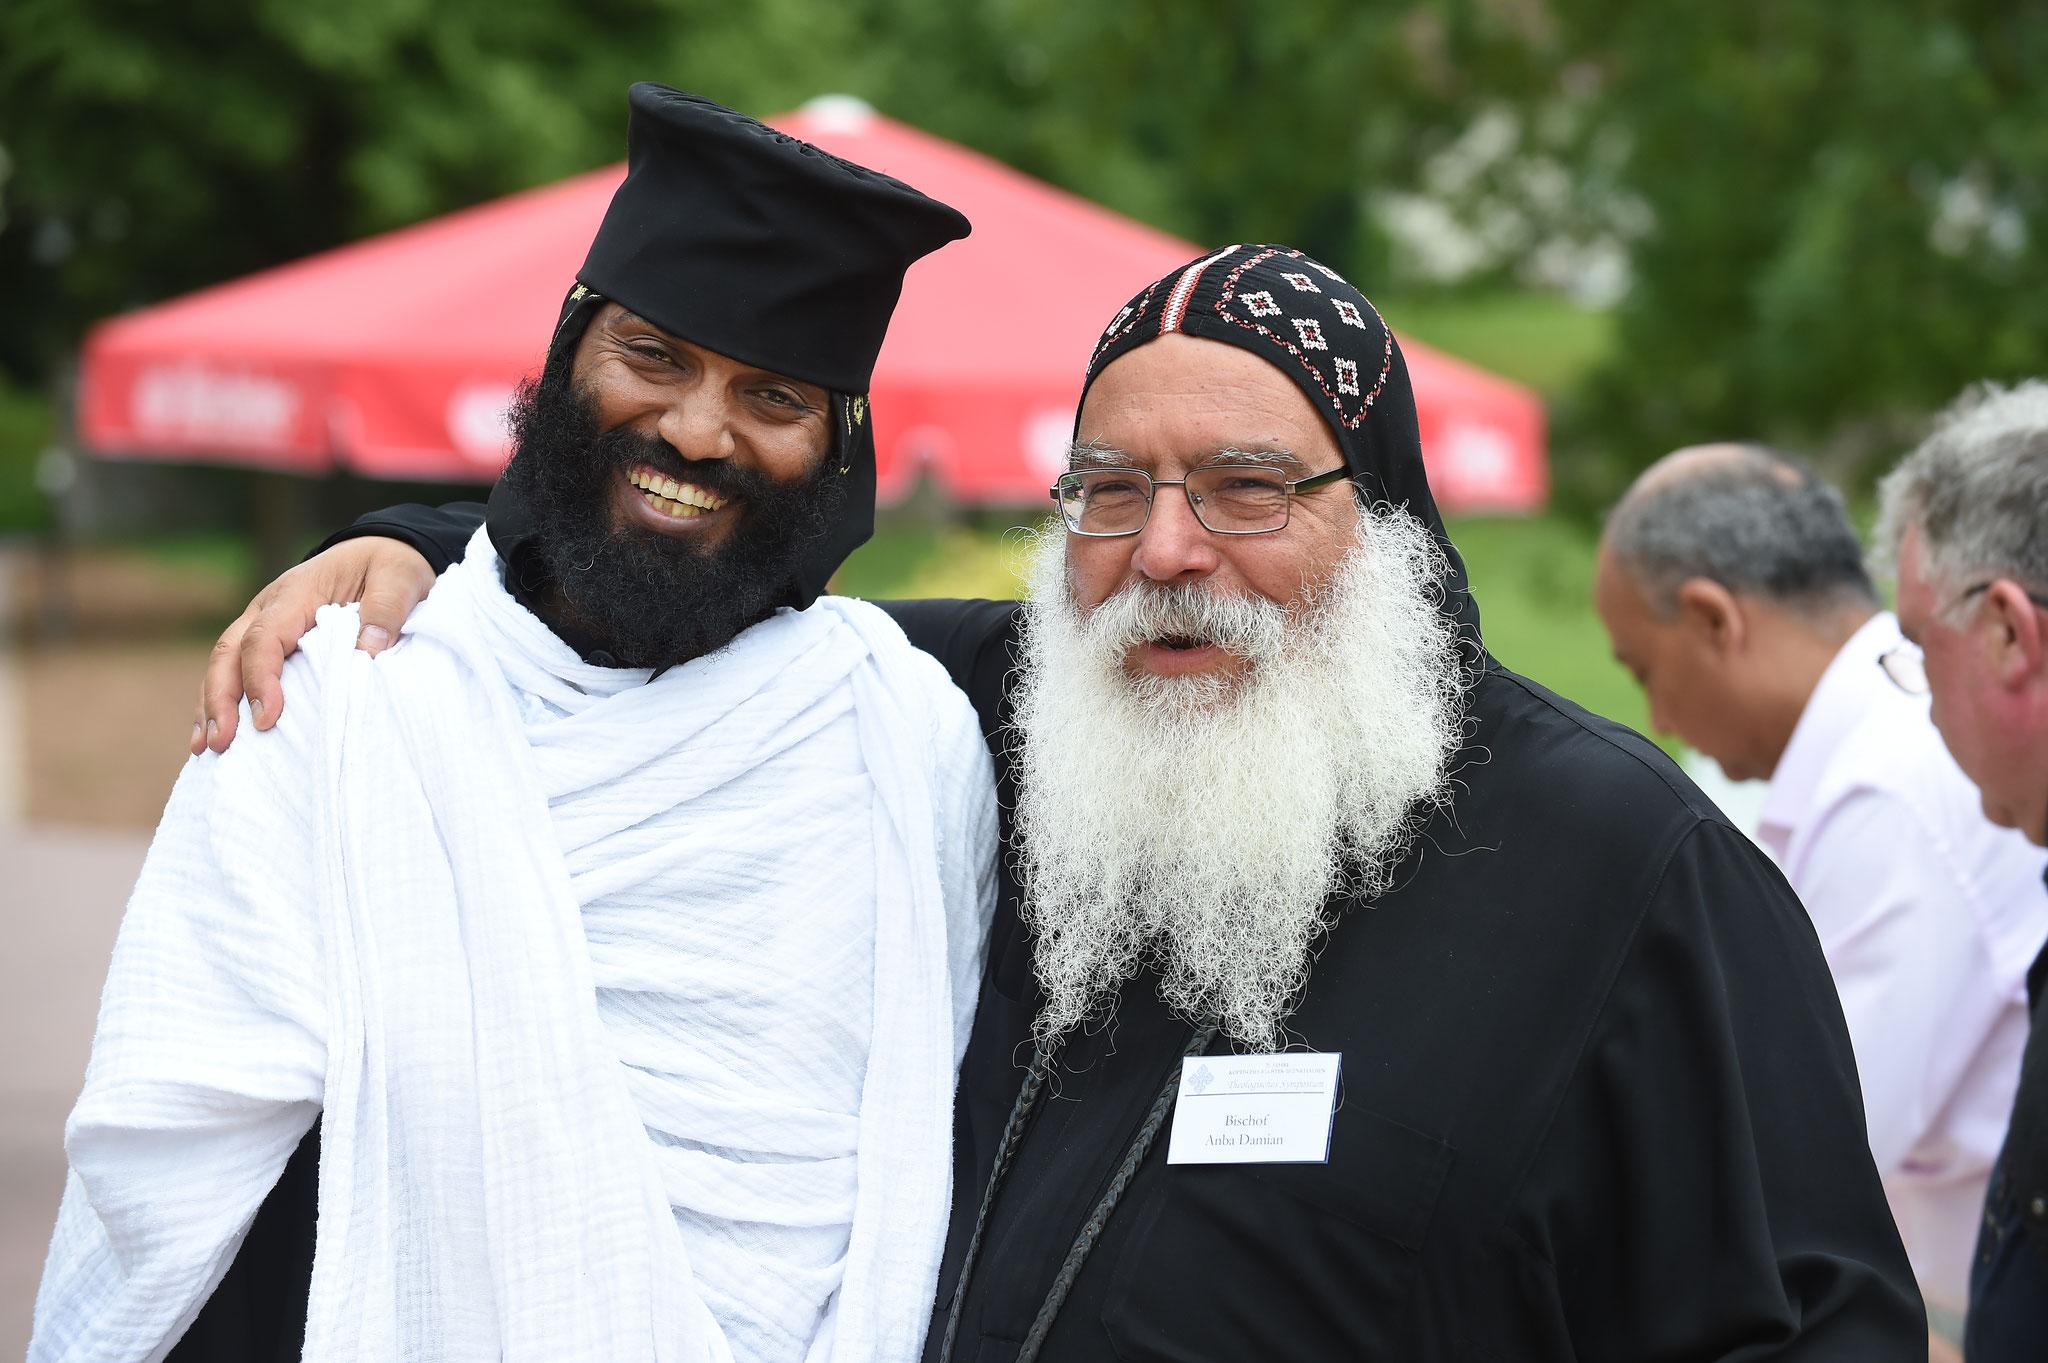 Ein Mönch aus Eritrea mit S.E. Bischof Anba Damian. Foto: Maria Hopp